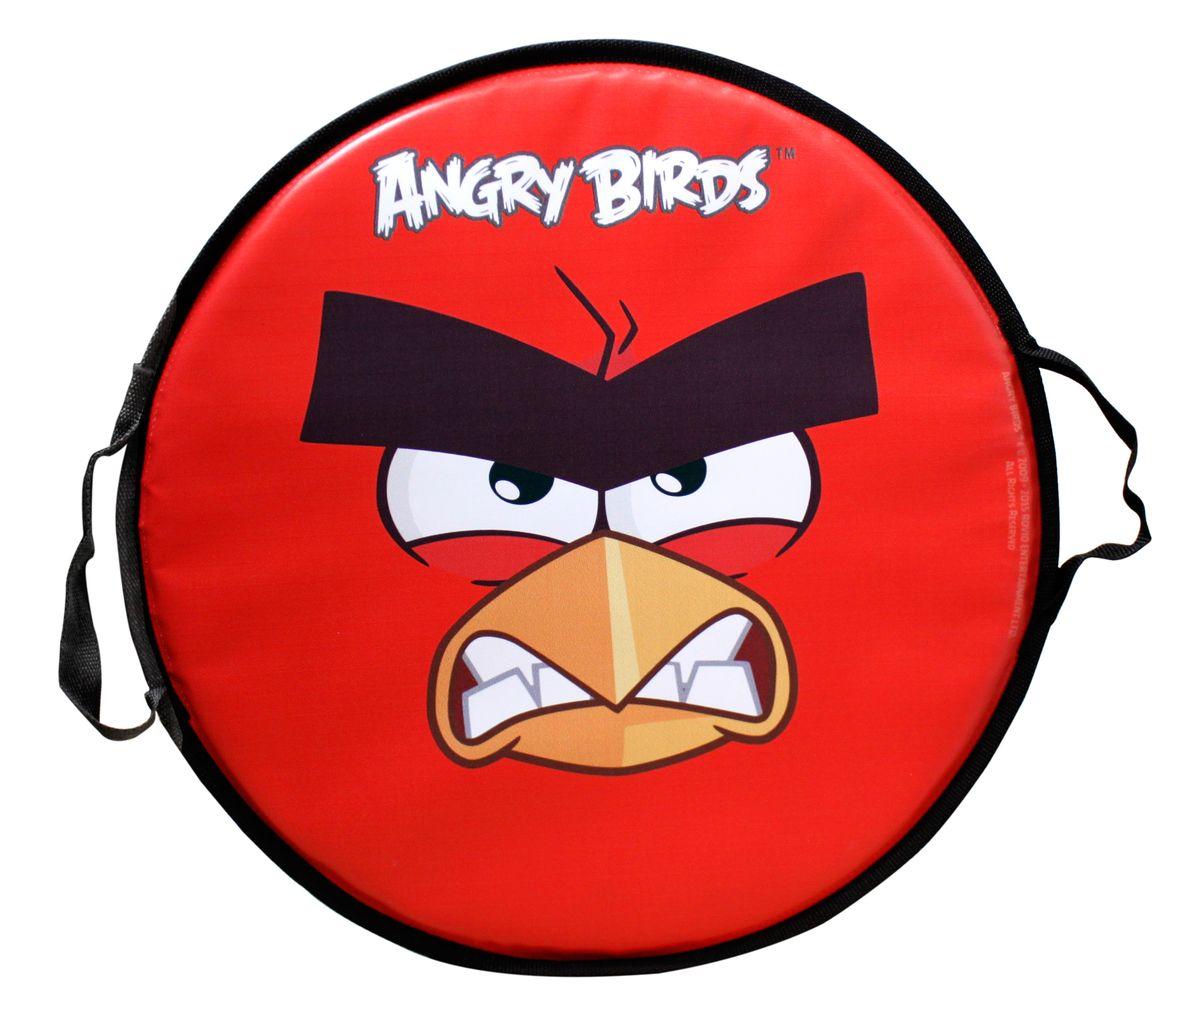 Angry Birds Ледянка круглая Angry Birds 52 см Т58162Т58222Ледянка Angry Birds станет прекрасным подарком для поклонников известной игры. Изделие предназначено катания с горок и идеально подойдет как для мальчиков, так и для девочек. Ледянка развивает на спуске хорошую скорость. Плотные ручки, расположенные по краям изделия помогут не упасть.